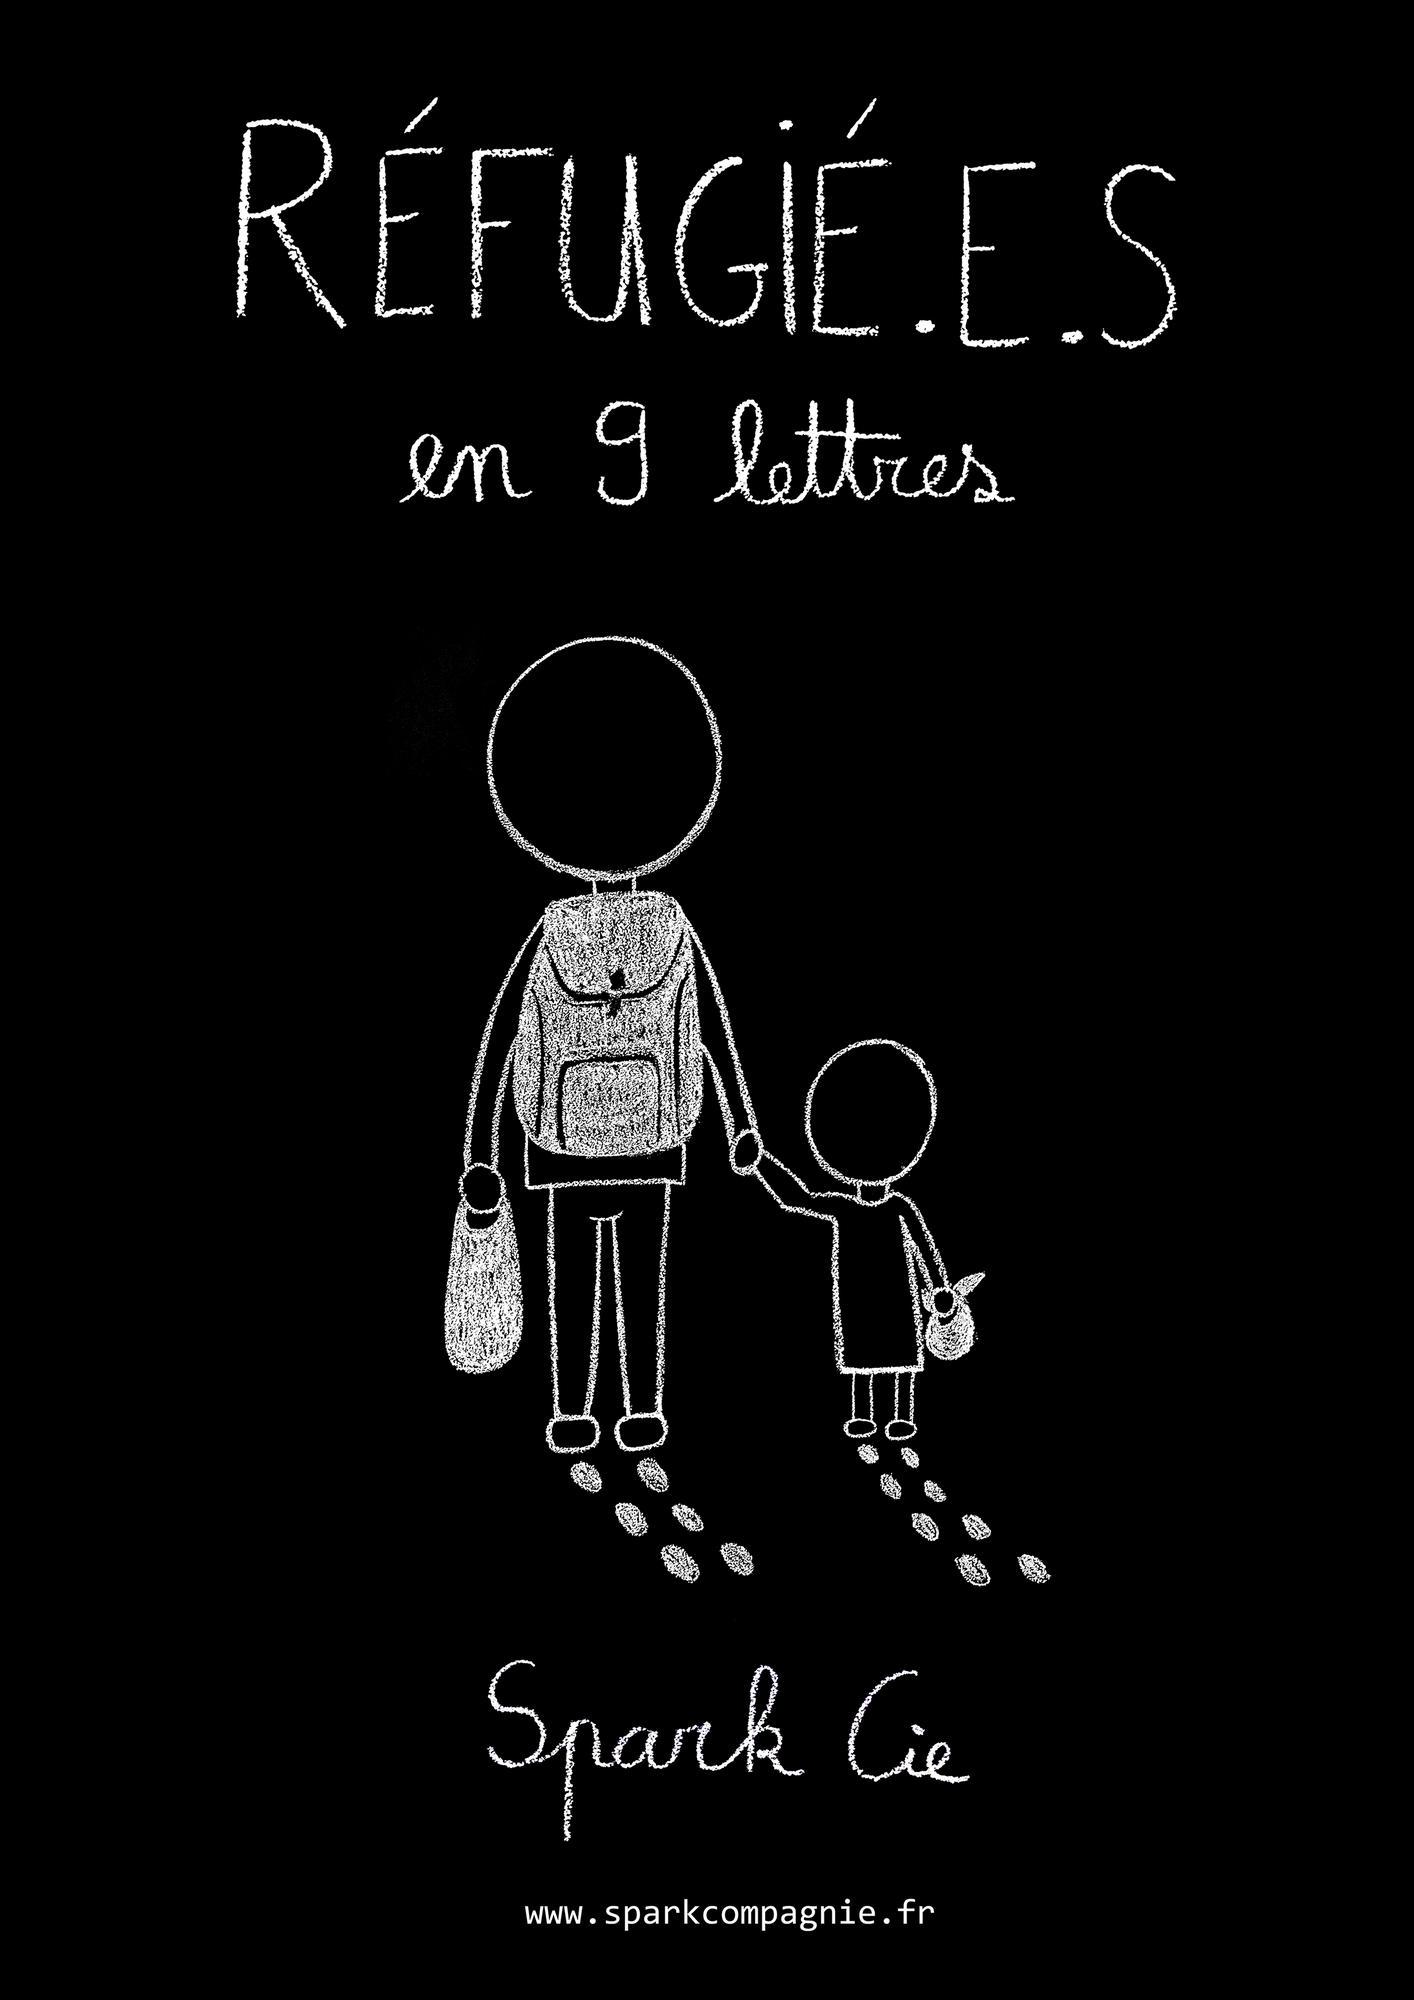 Réfugié.e.s en 9 lettres (Affiche)